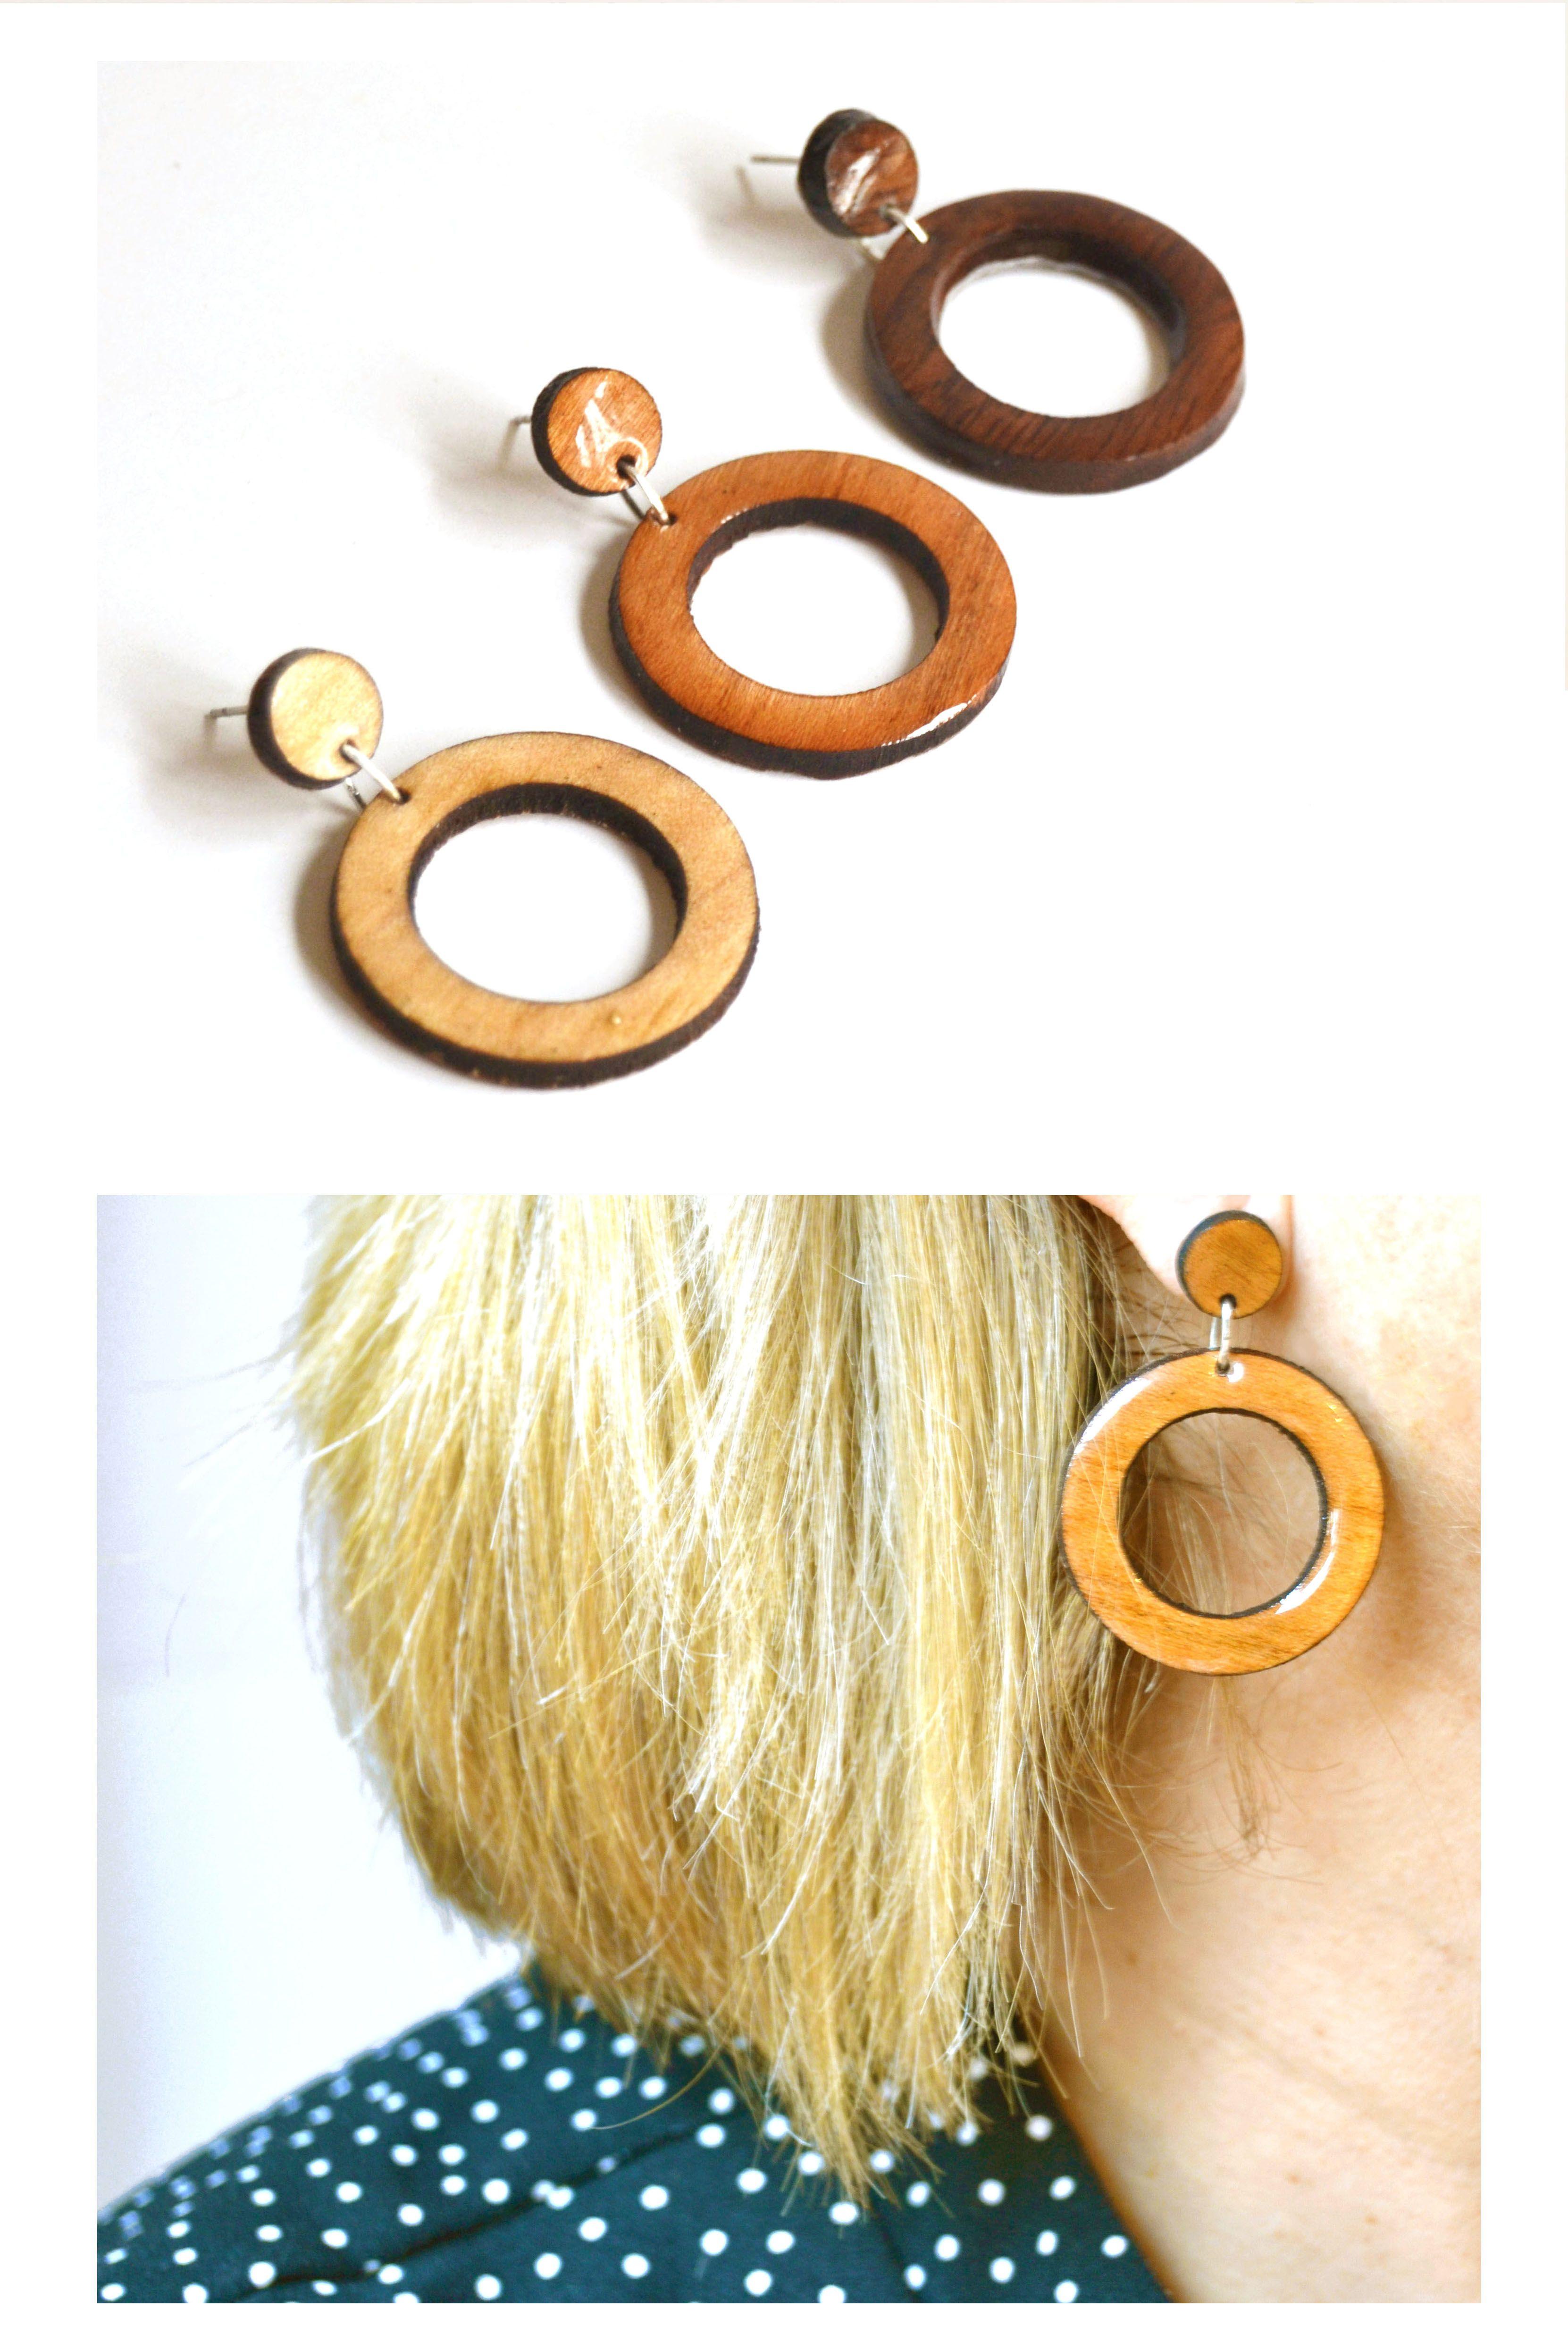 14+ Are hoop earrings office appropriate ideas in 2021